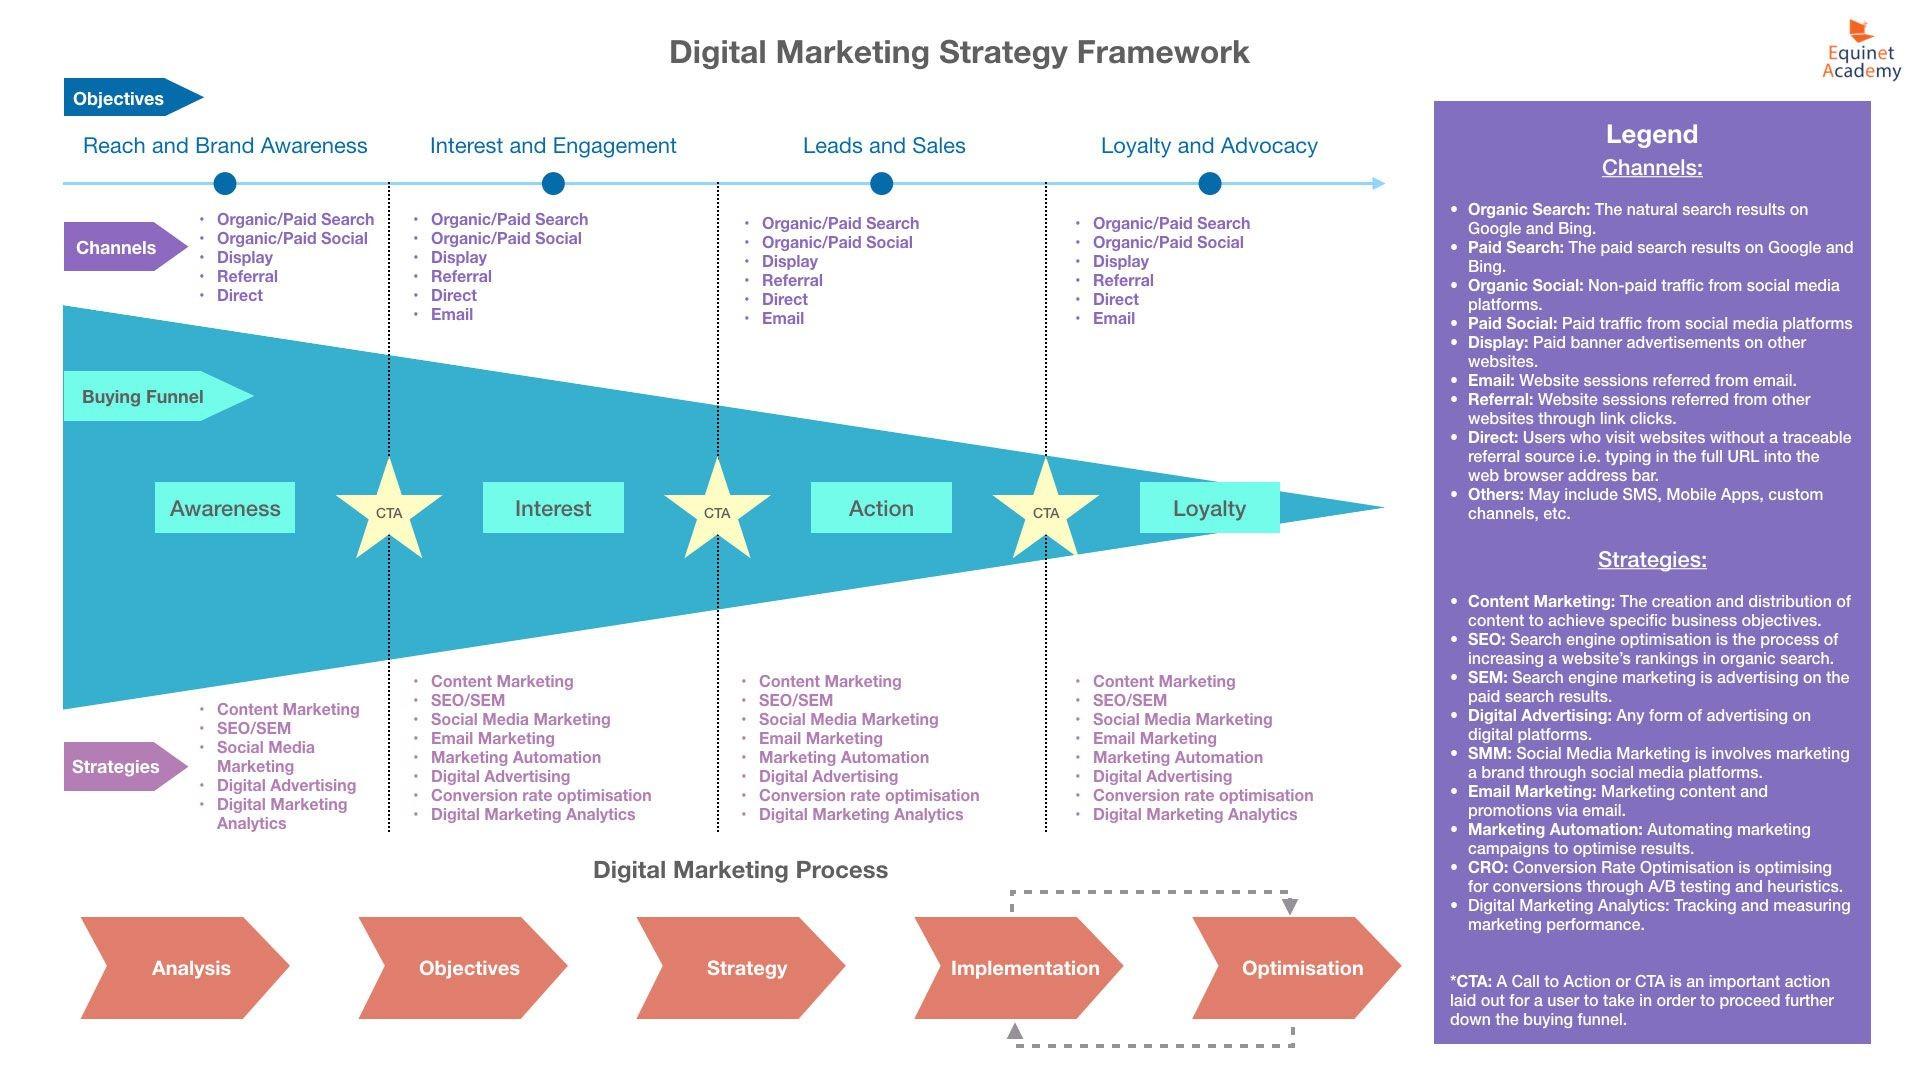 004 Breathtaking Social Media Marketing Plan Template 2018 Sample 1920